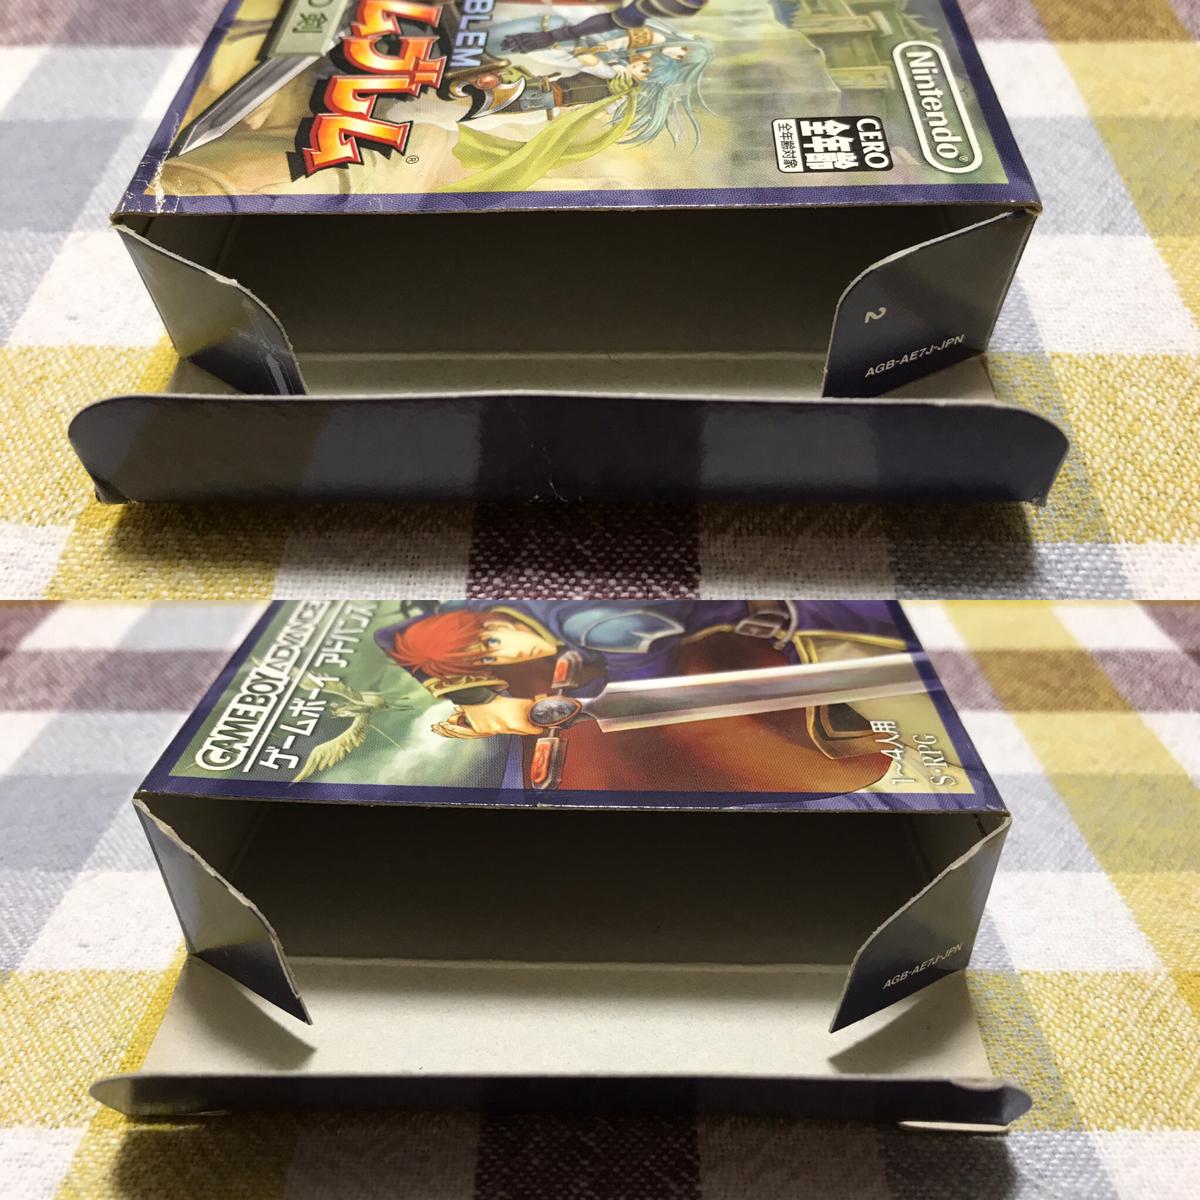 GBA ファイアーエムブレム 烈火の剣 ゲームボーイアドバンス 動作確認済み 送料200円 B_画像3